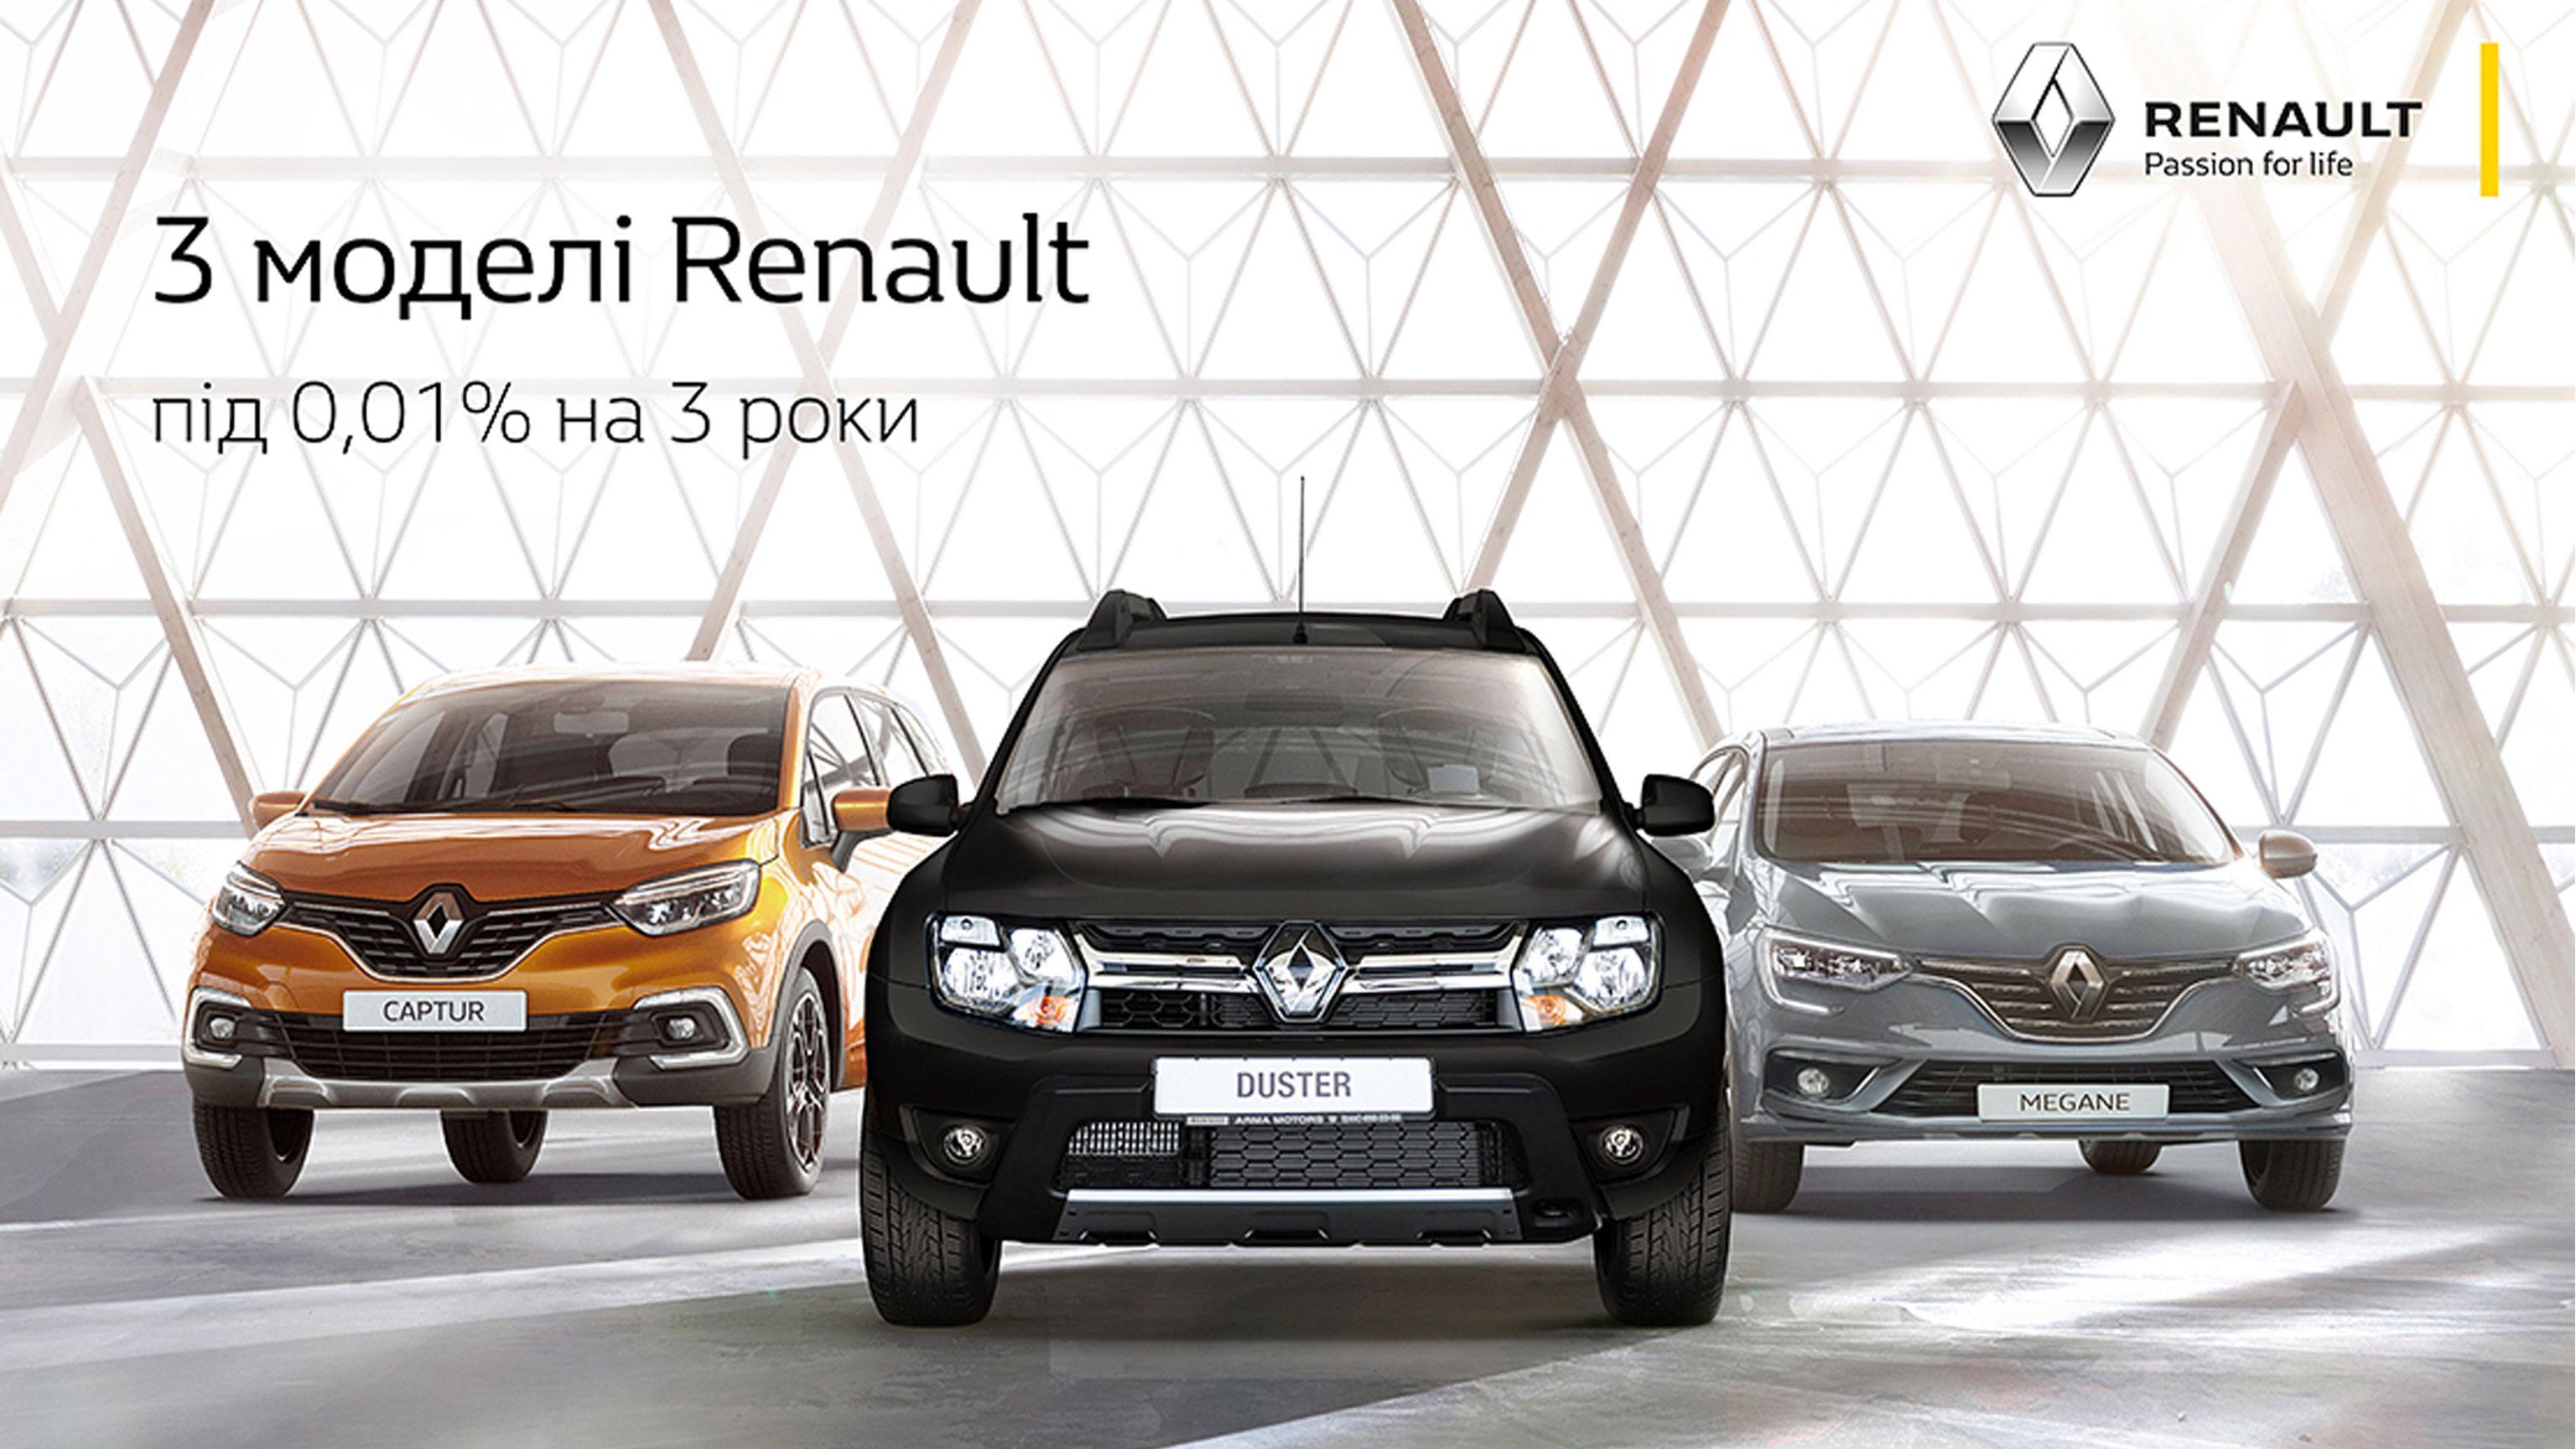 Супер кредит на автомобілі Renault* та КАСКО**